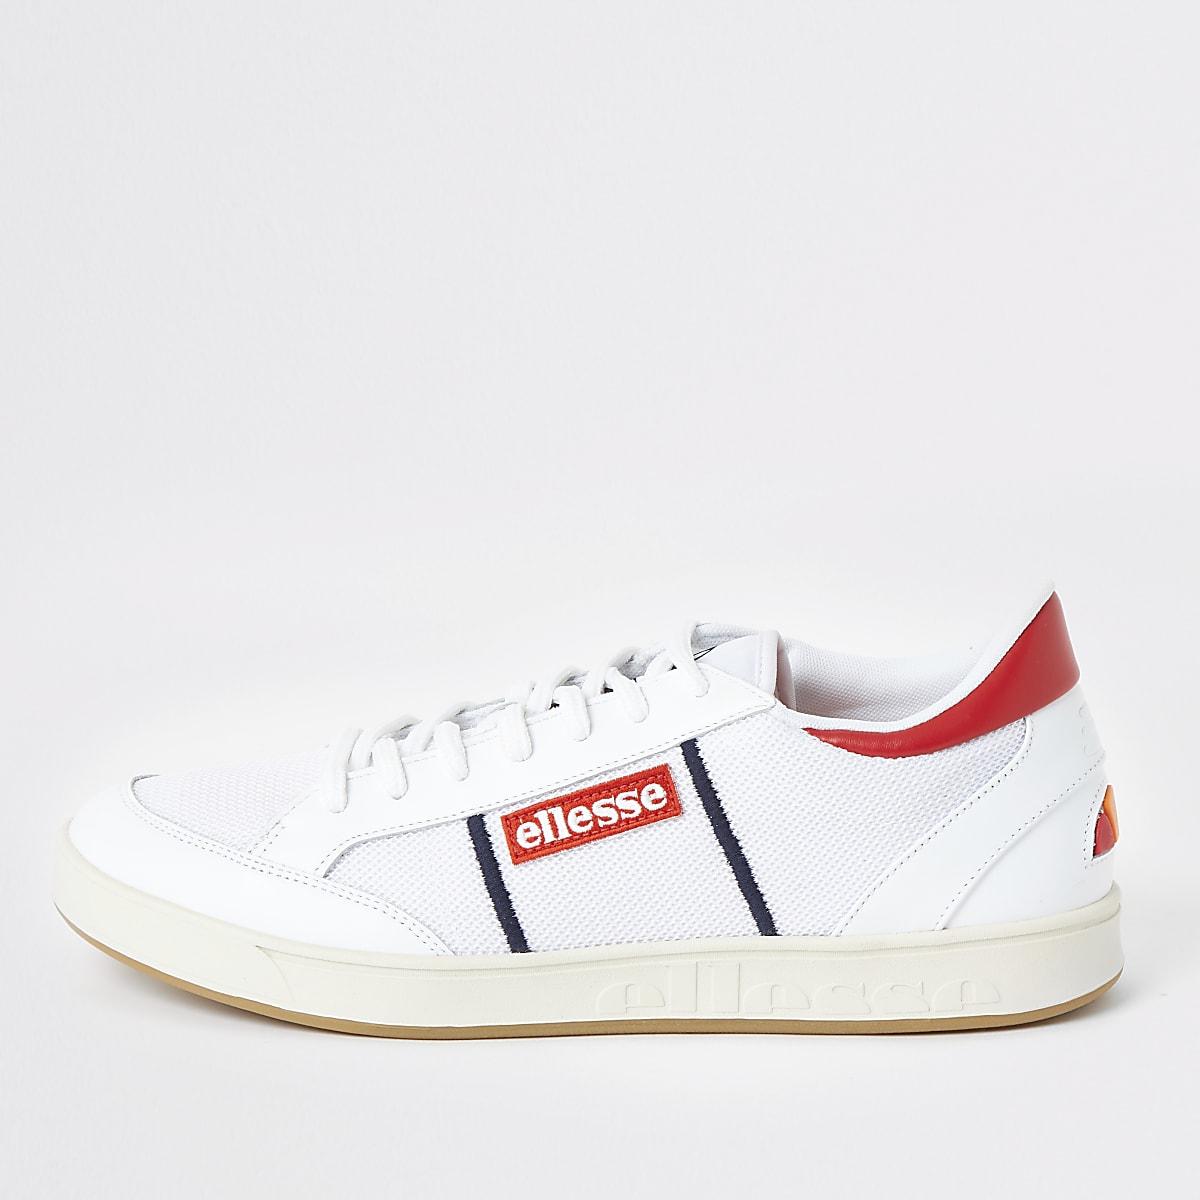 Ellesse – Weiße Sneaker zum Schnüren